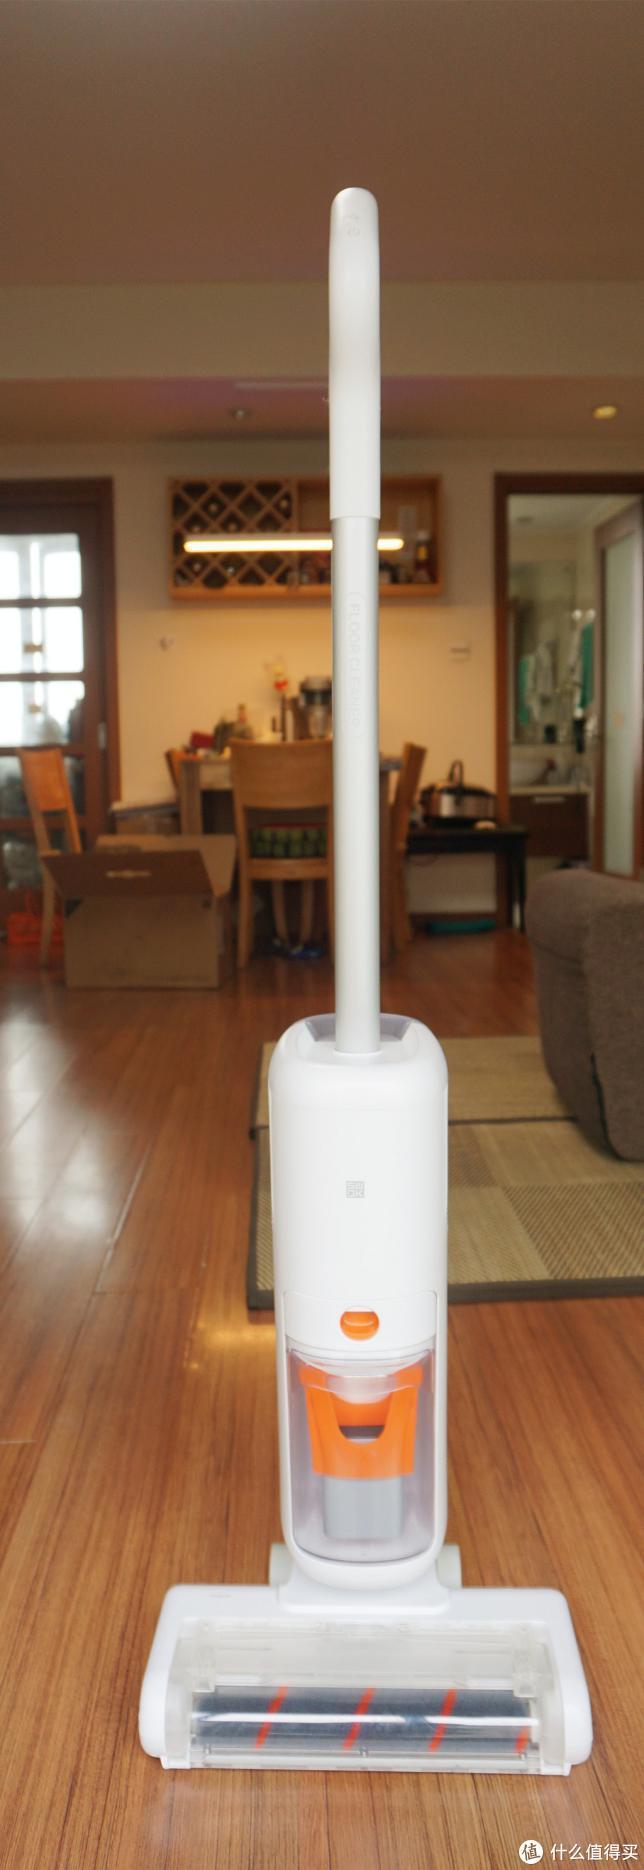 【首发评测】地面清洁的革命,懒人专属,小米有品上线飞狗无线地面清洗机